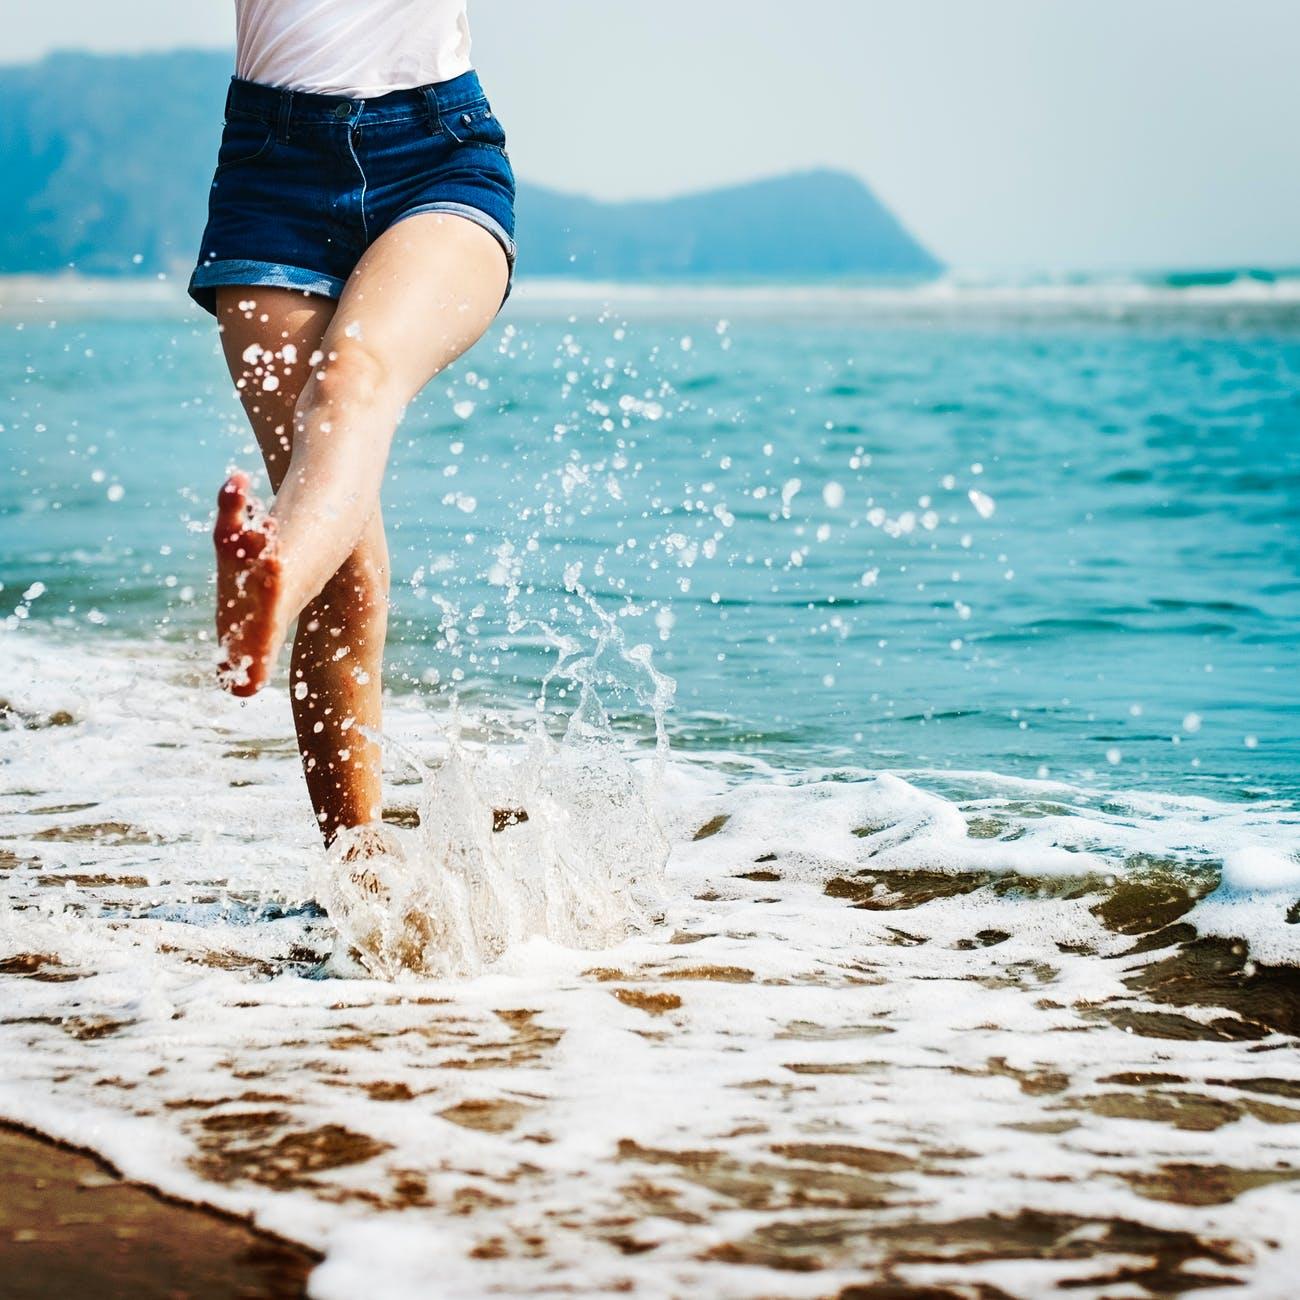 Kicking water